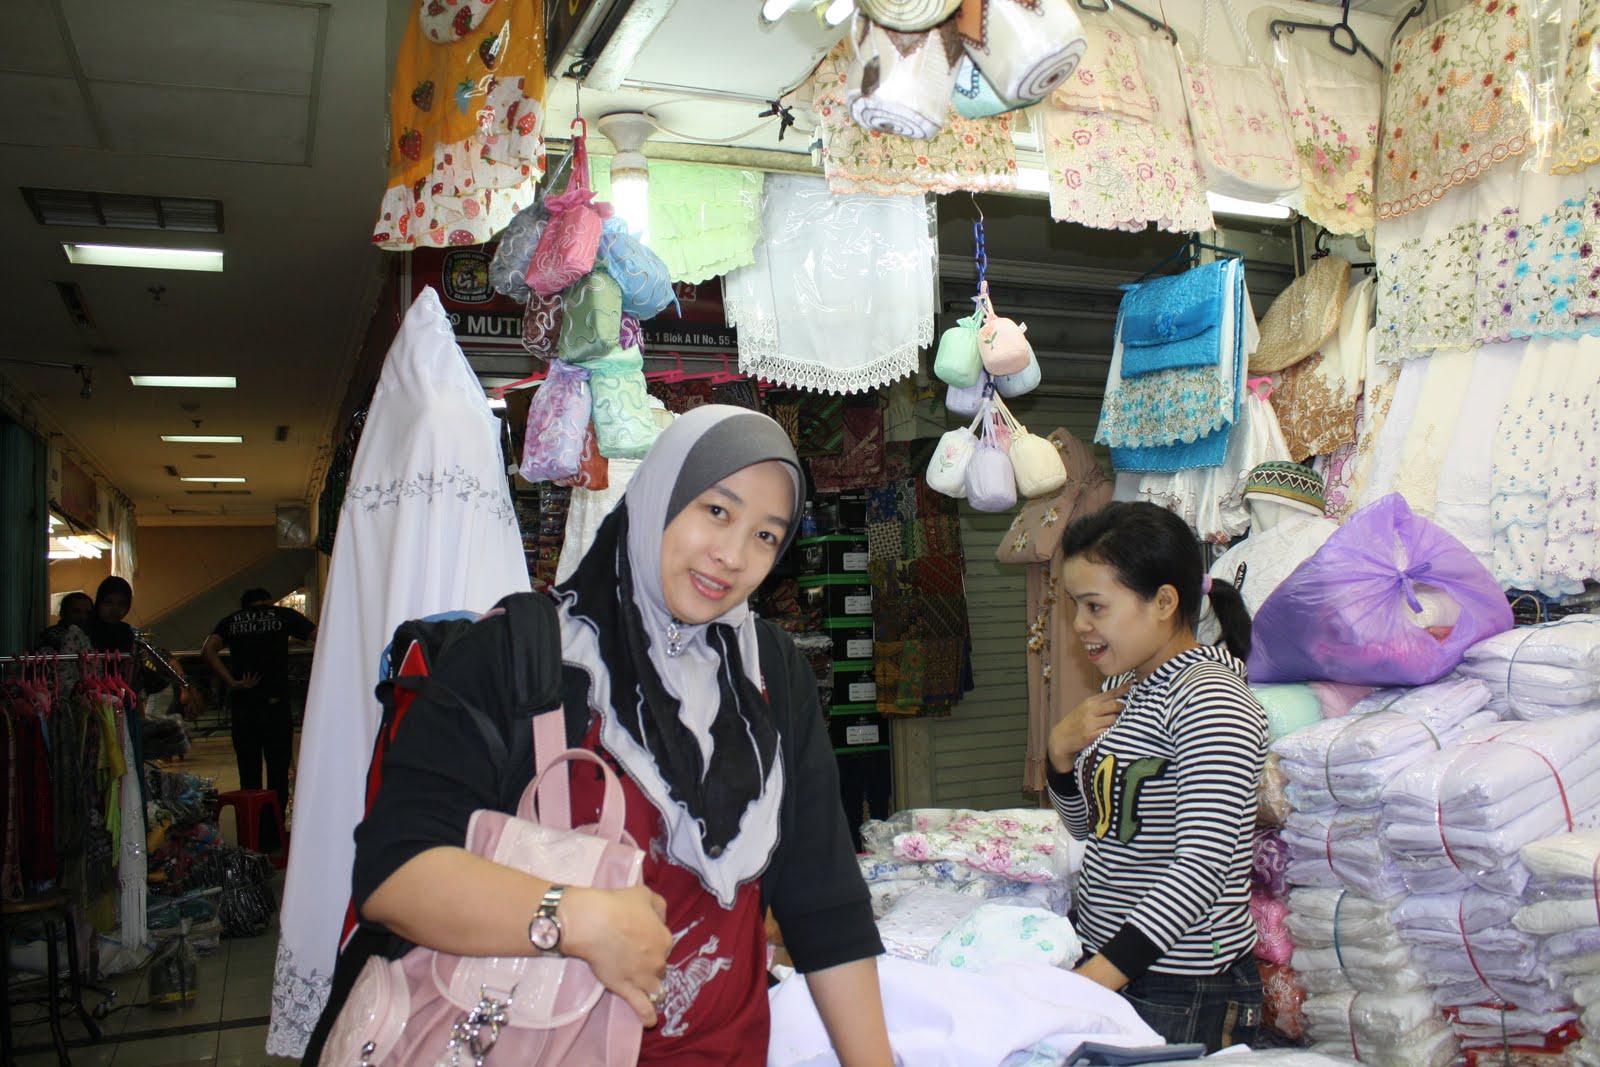 Baju online pasar baru bandung tas wanita murah toko Baju gamis pasar baru bandung